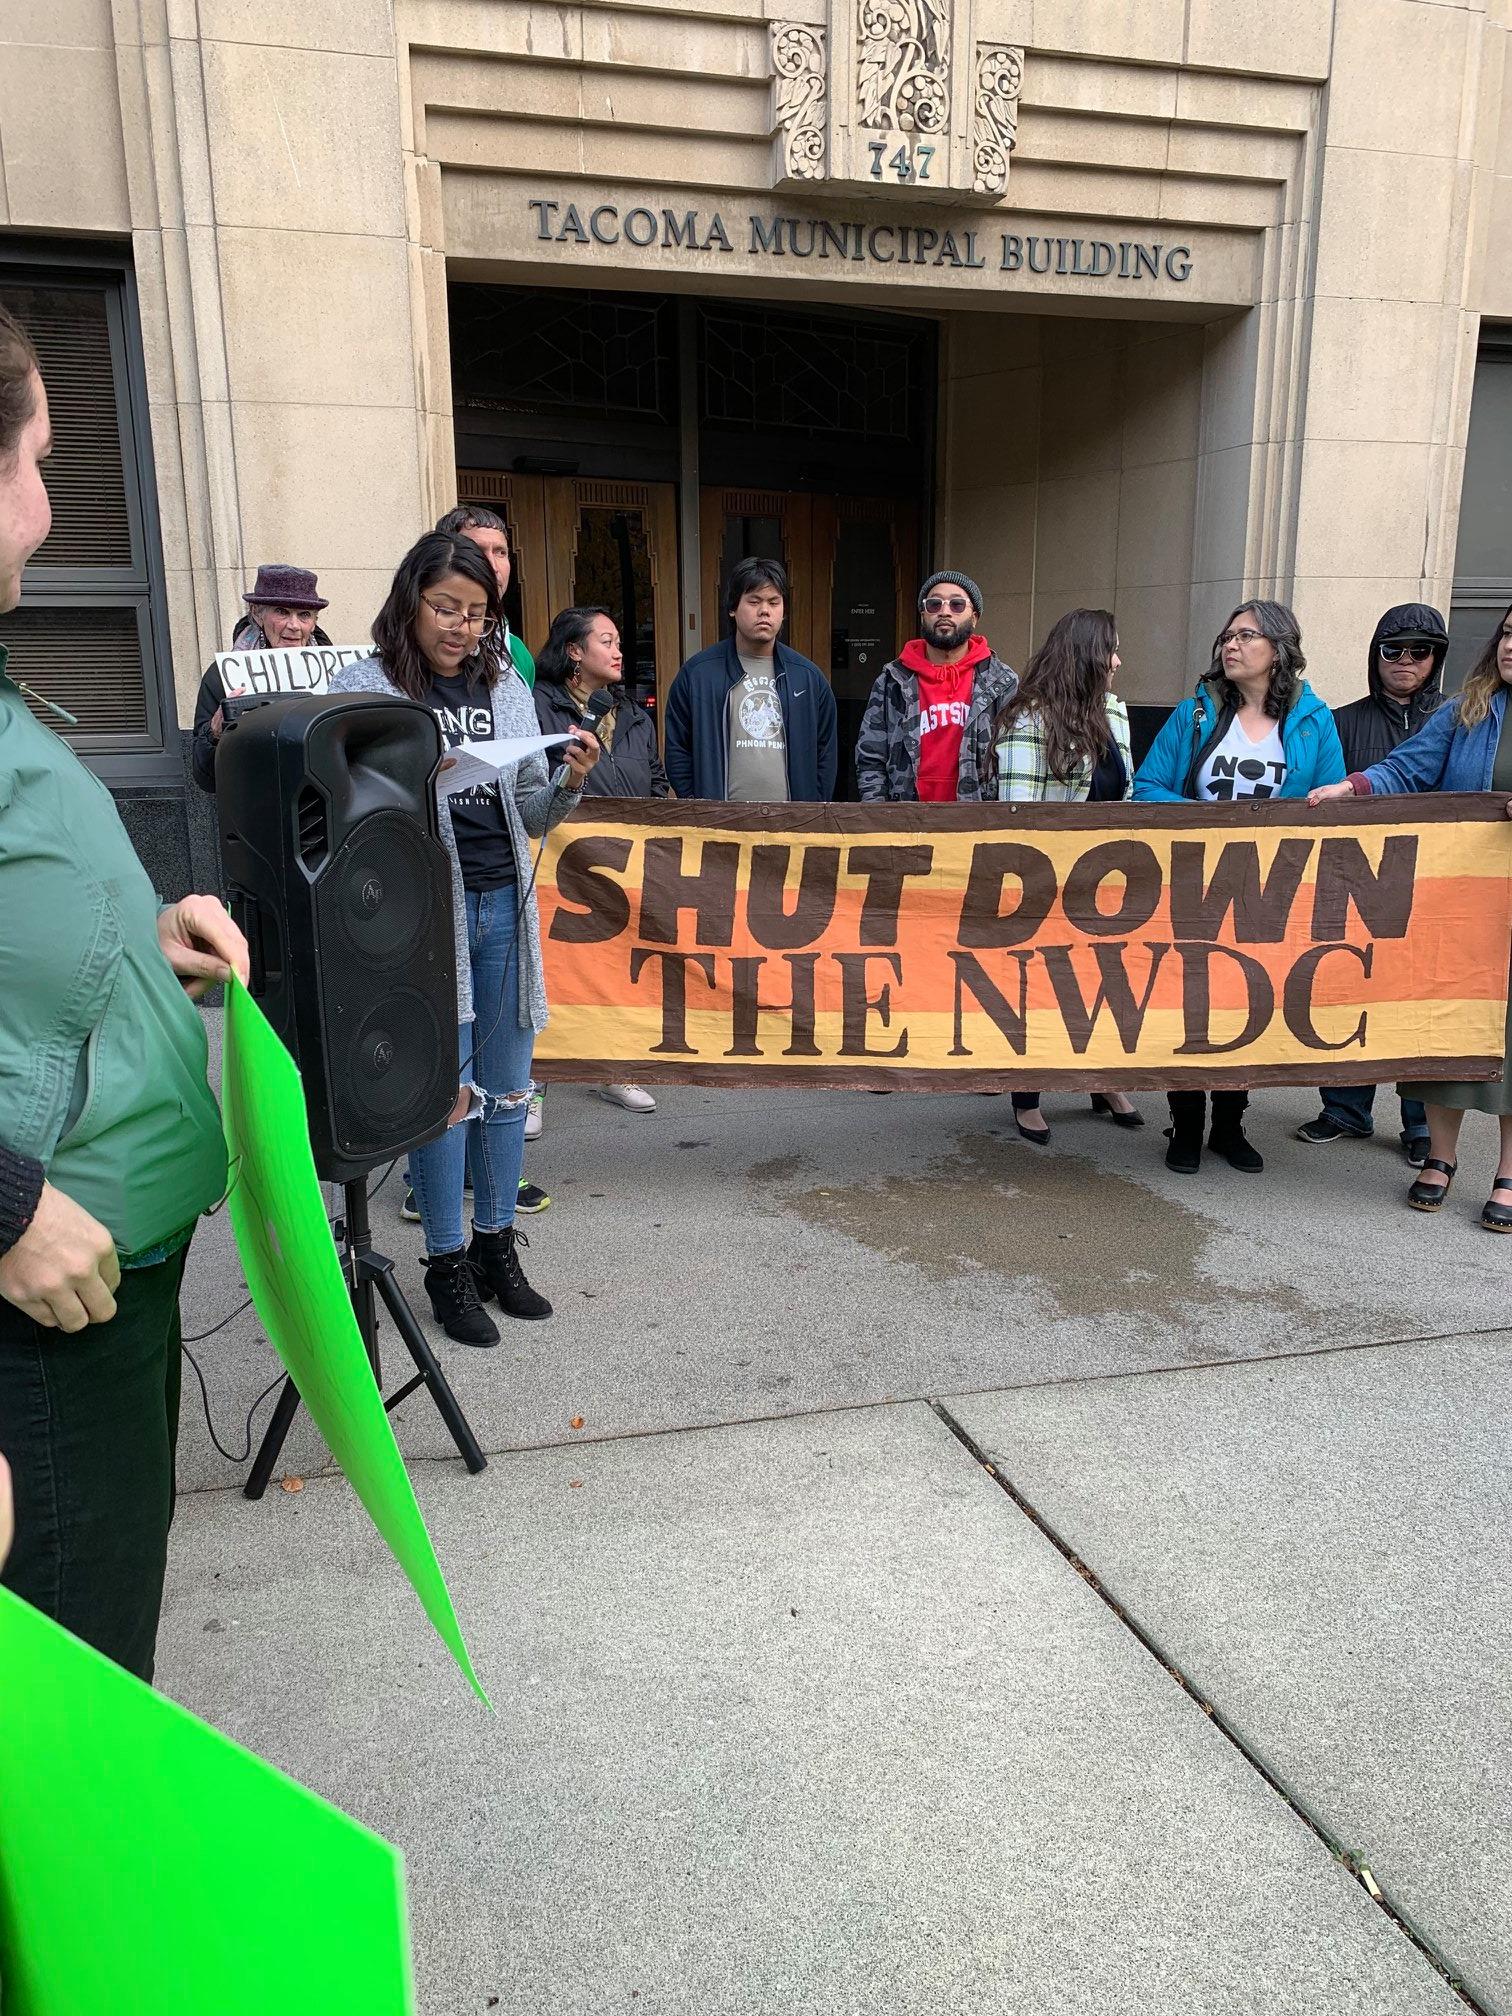 Miembros del grupo La resistencia en una audiencia en al Concejo Municipal de Tacoma. Foto: Cortesía de La Resistencia / Facebook.